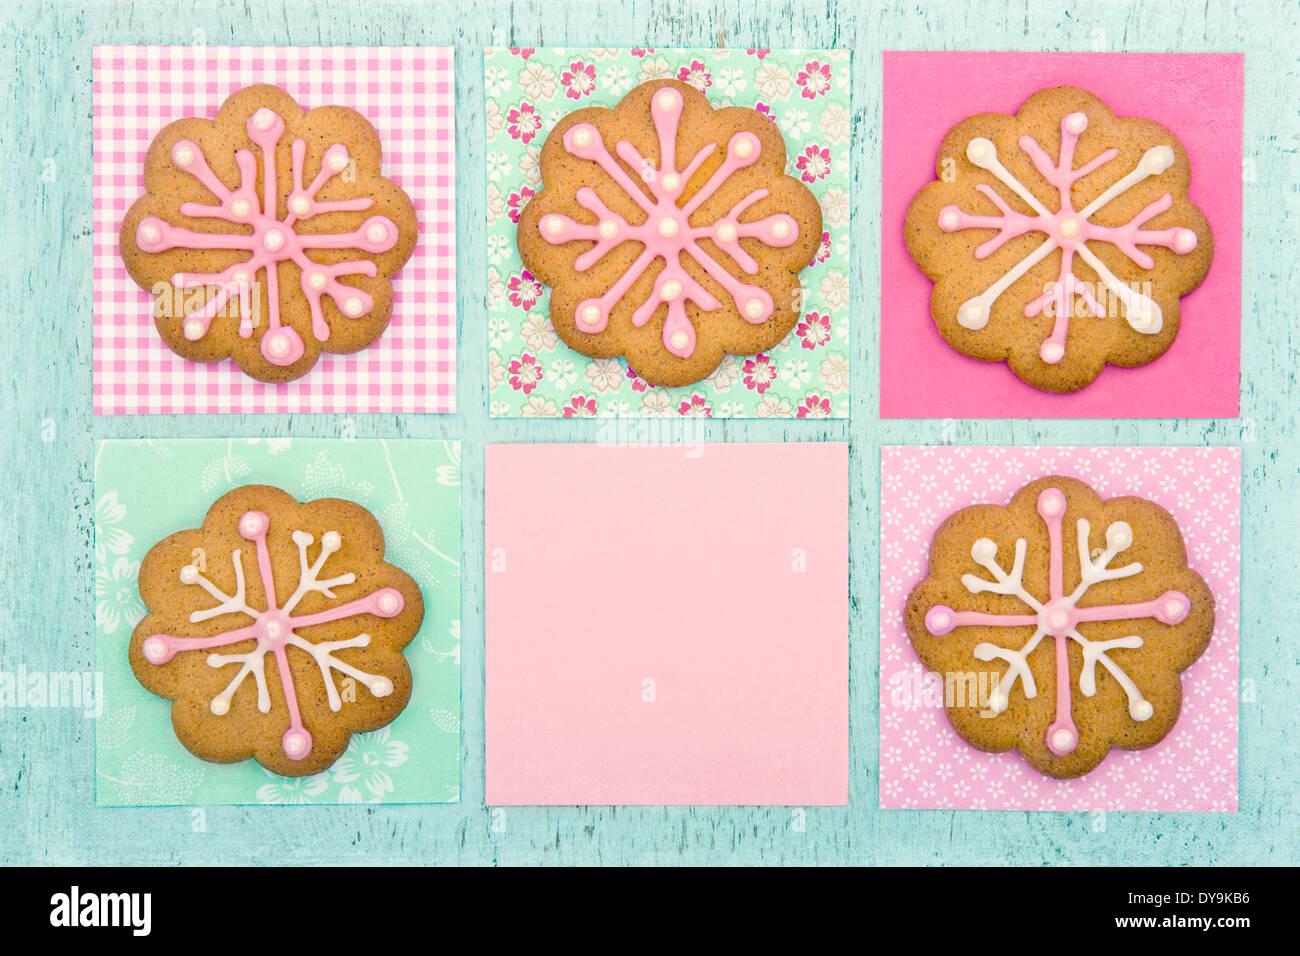 Gingerbread cookies de Noël avec glaçage rose sur fond de bois vintage bleu pastel Banque D'Images